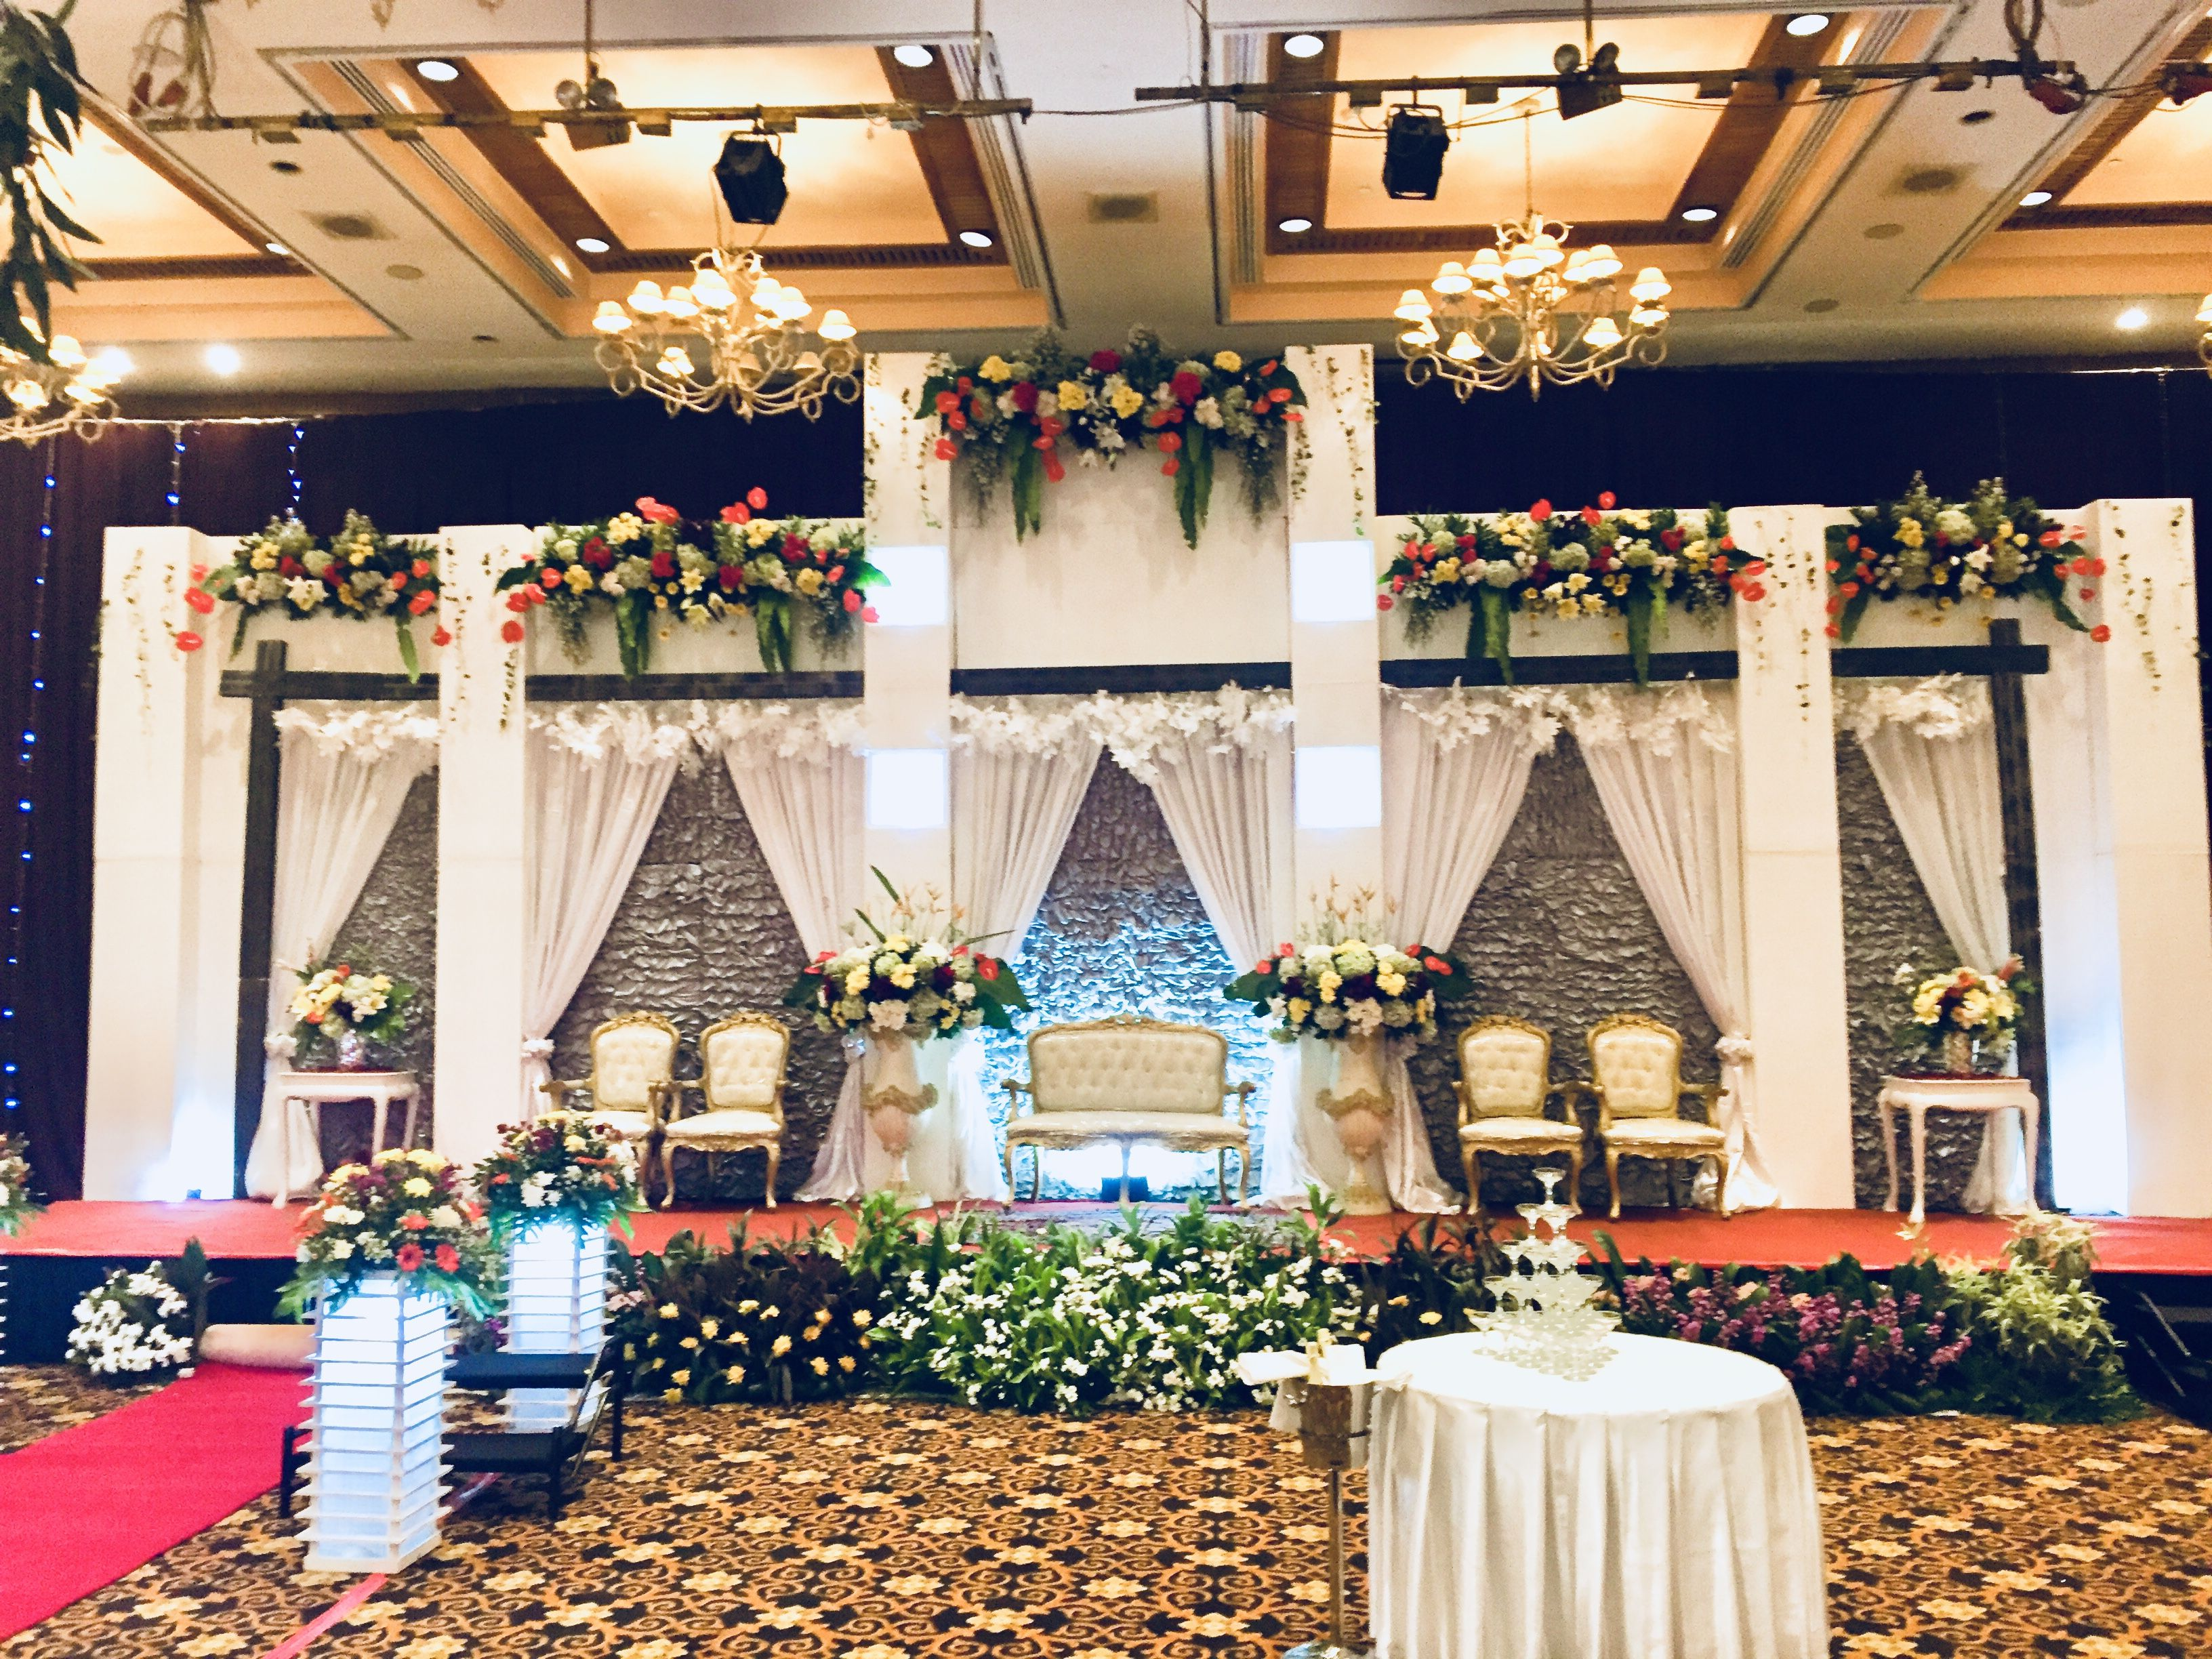 ISYE DEKORASI Rustic Wedding Decoration Vendor Dekorasi Pernikahan Pelaminan Rustic aryadutahotel aryadutahotel